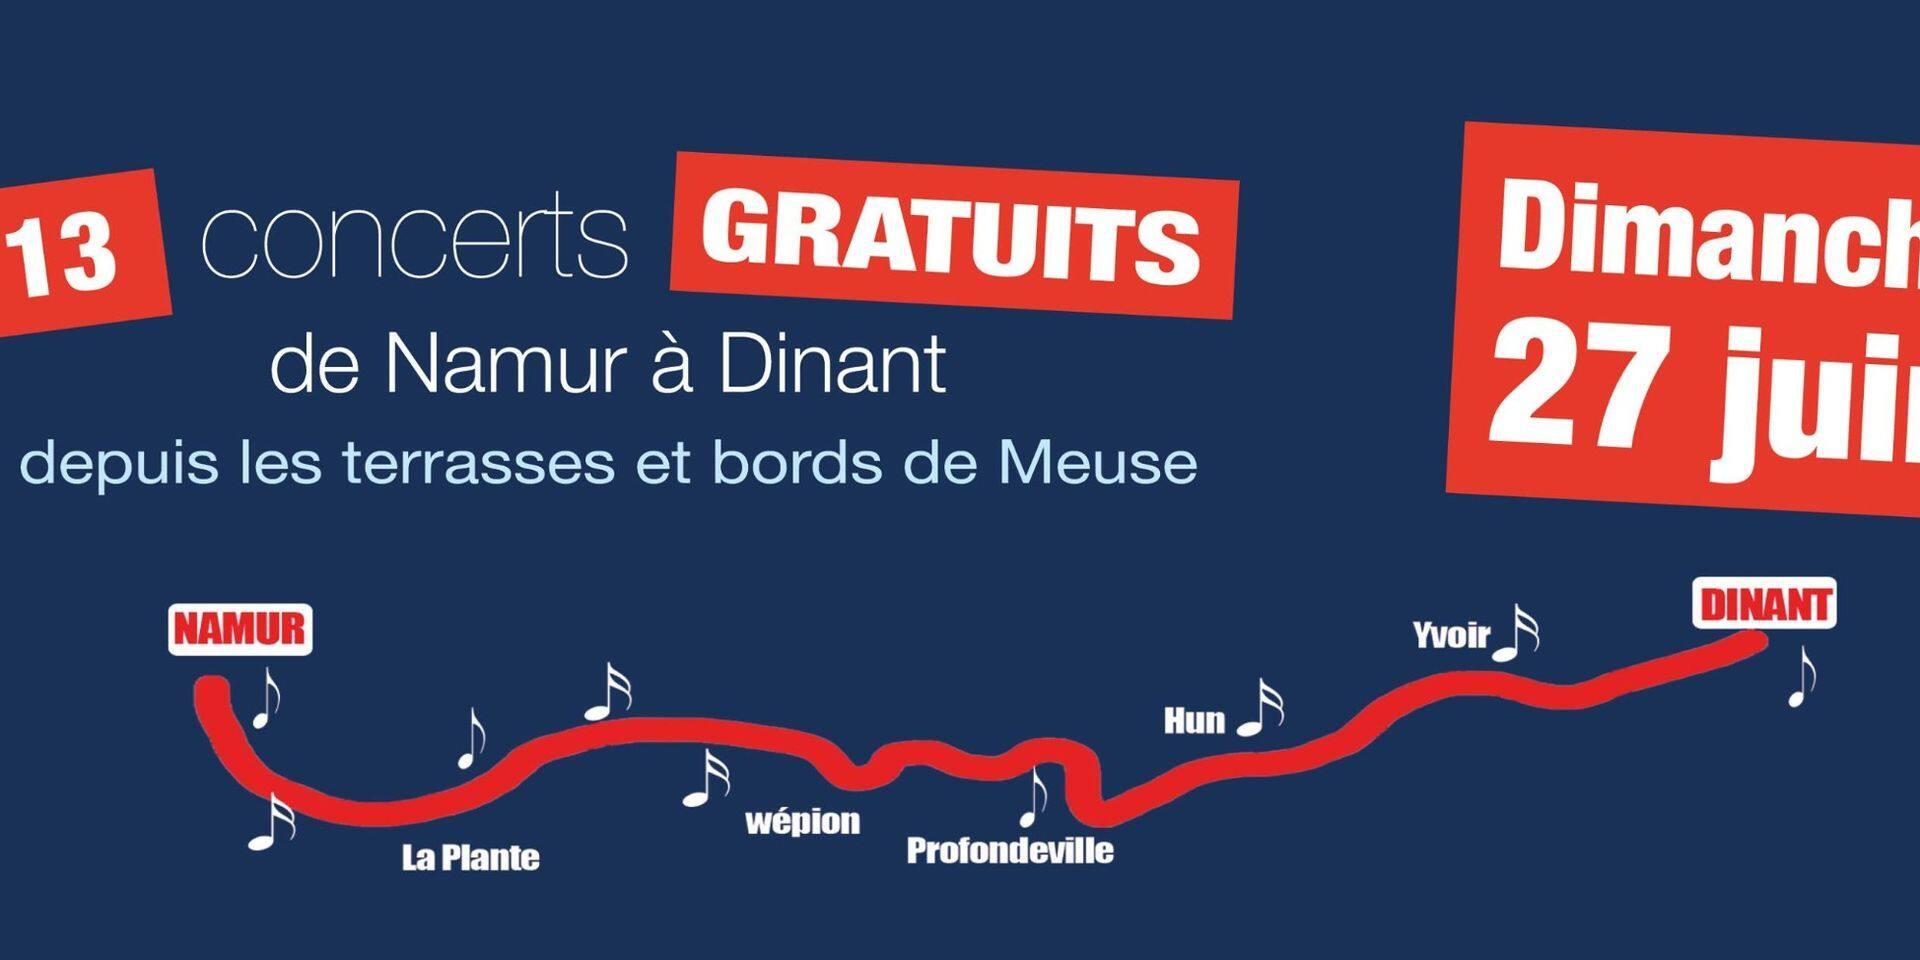 Un concert itinérant dimanche sur la Meuse de Namur à Dinant